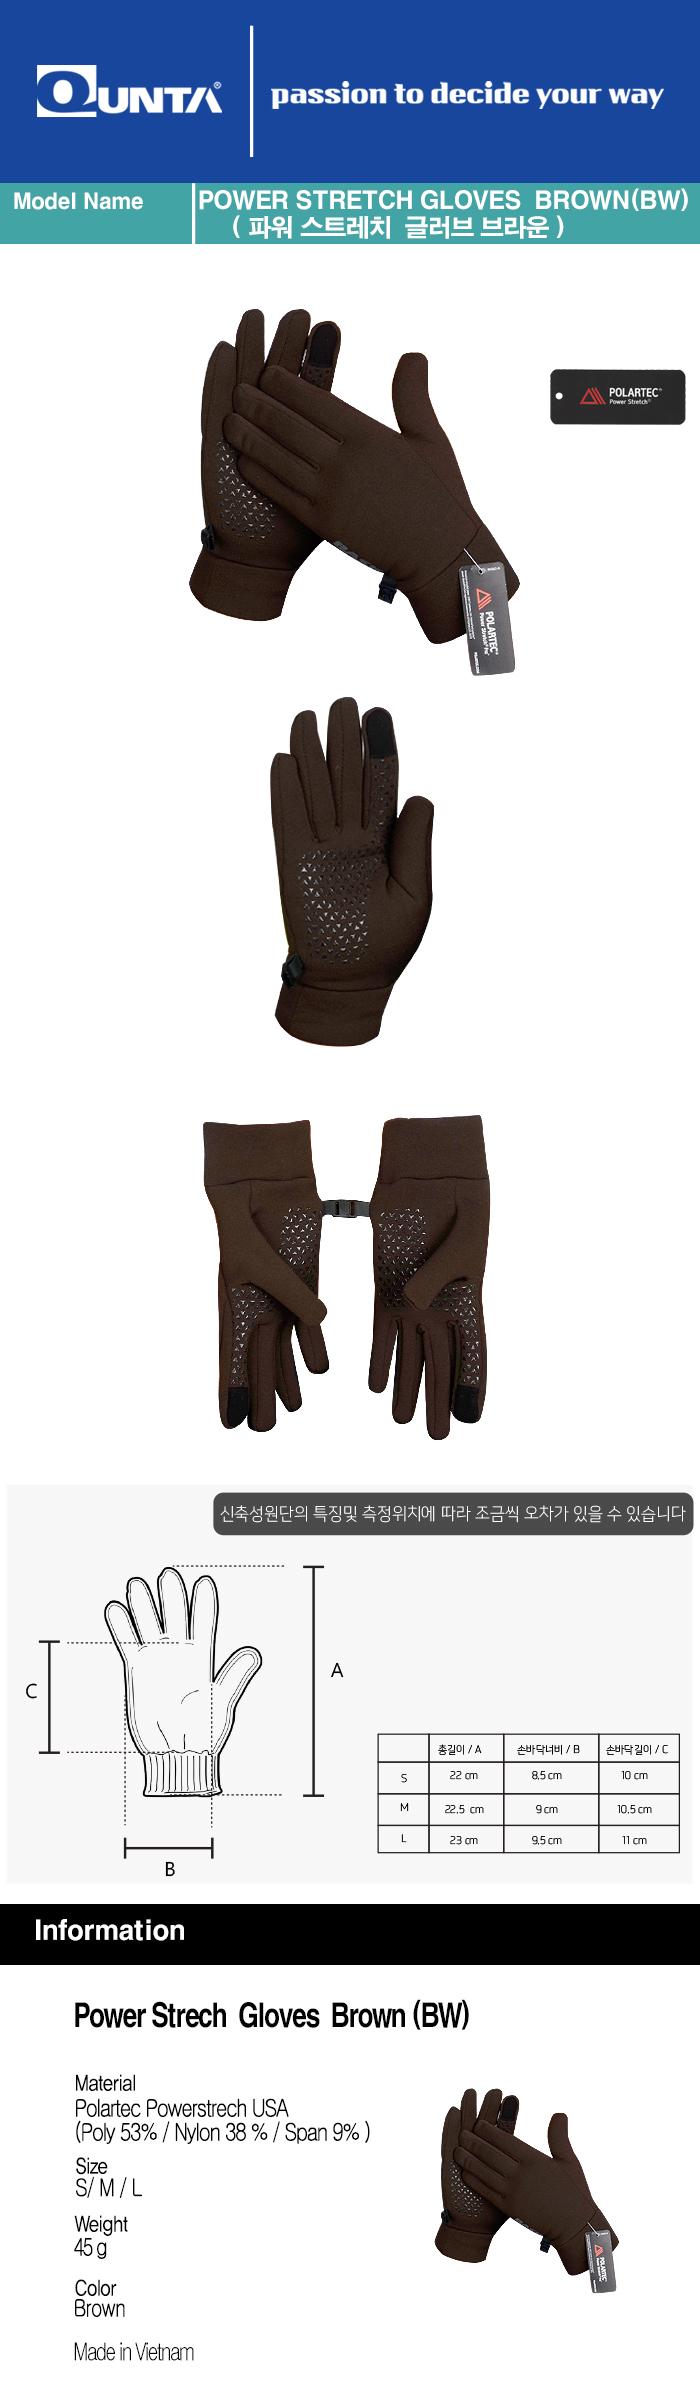 쿤타 지오코퍼레이션 겨울 등산 방한 폴라텍 파워스트레치 장갑 브라운